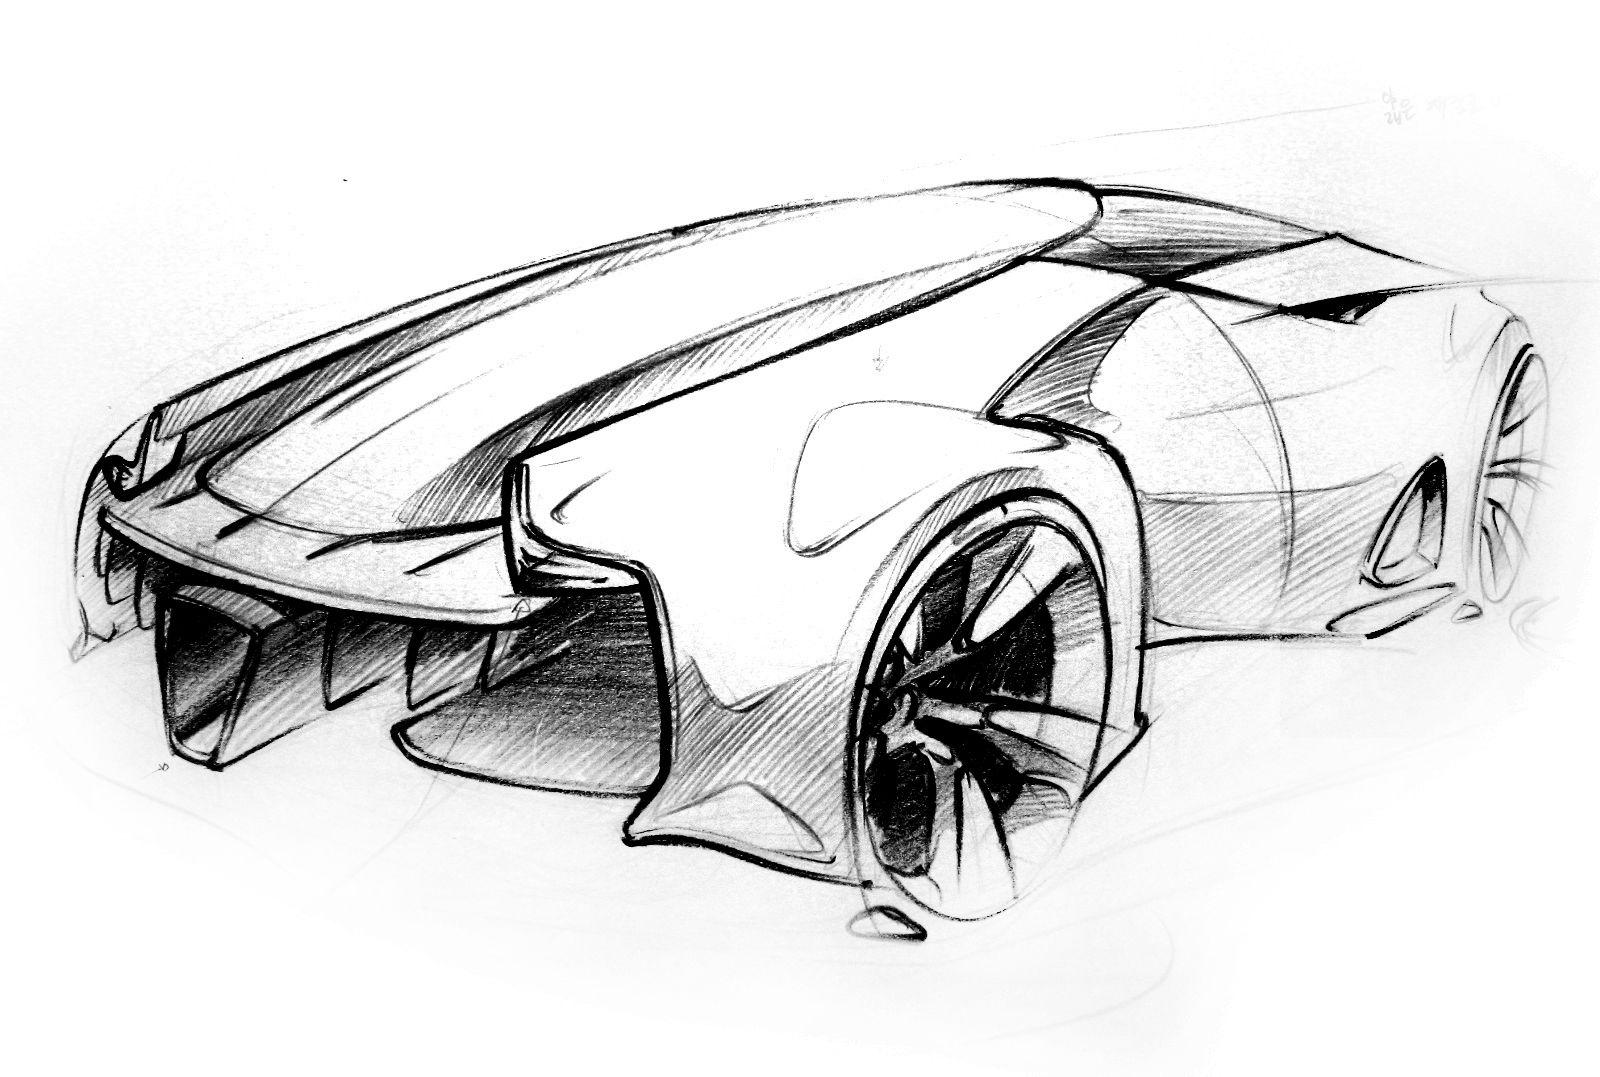 صورة ذات صلة | car sketch | Pinterest | Car sketch